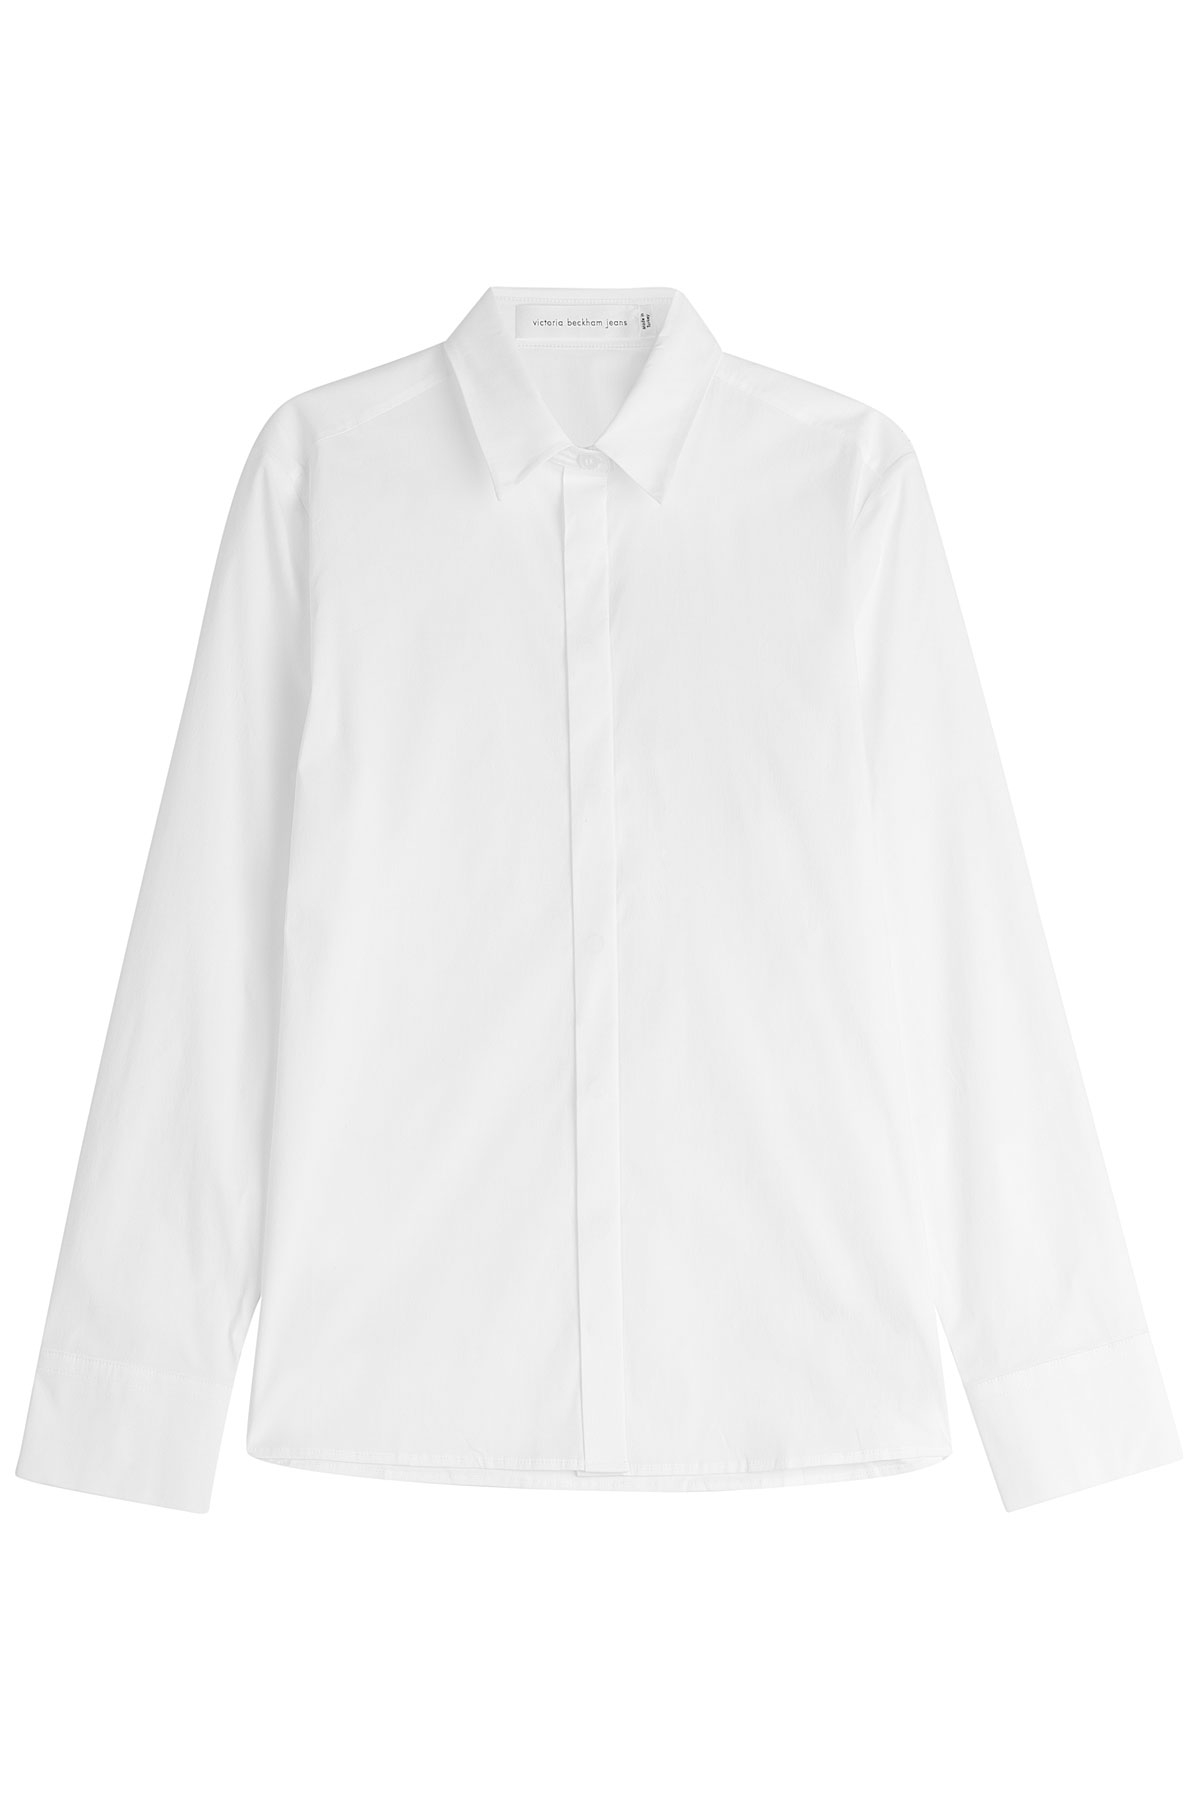 Lyst Victoria Beckham Cotton Shirt White In White